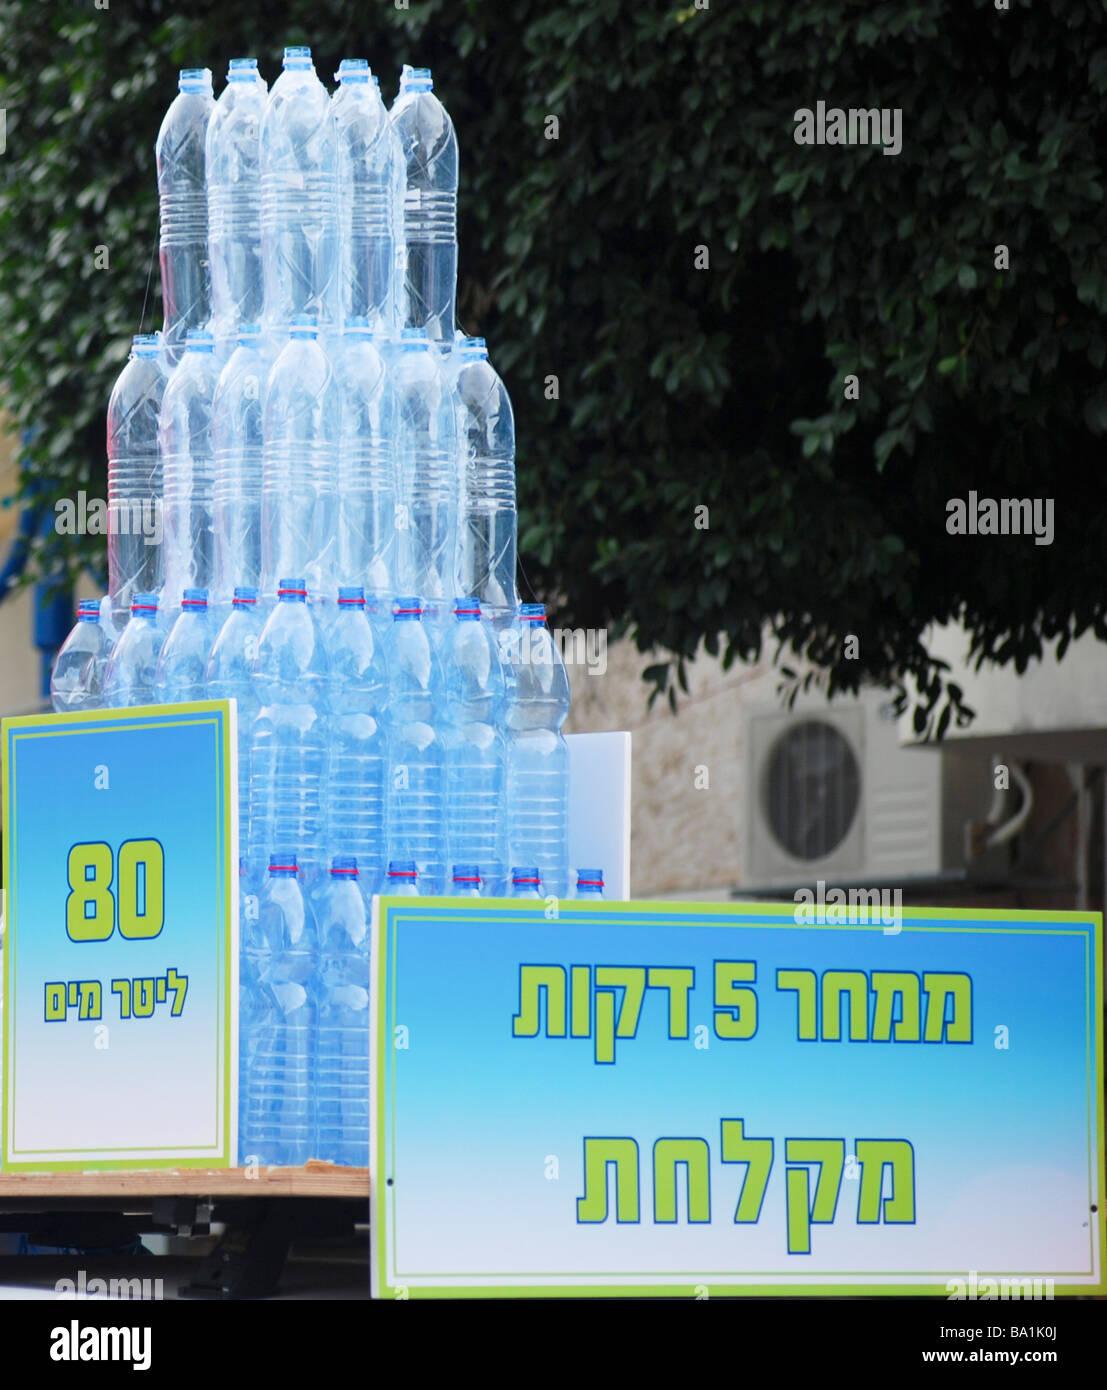 Ahorrar agua pantalla mostrando las botellas de agua mineral que contiene 80 litros, que es la cantidad de agua Imagen De Stock